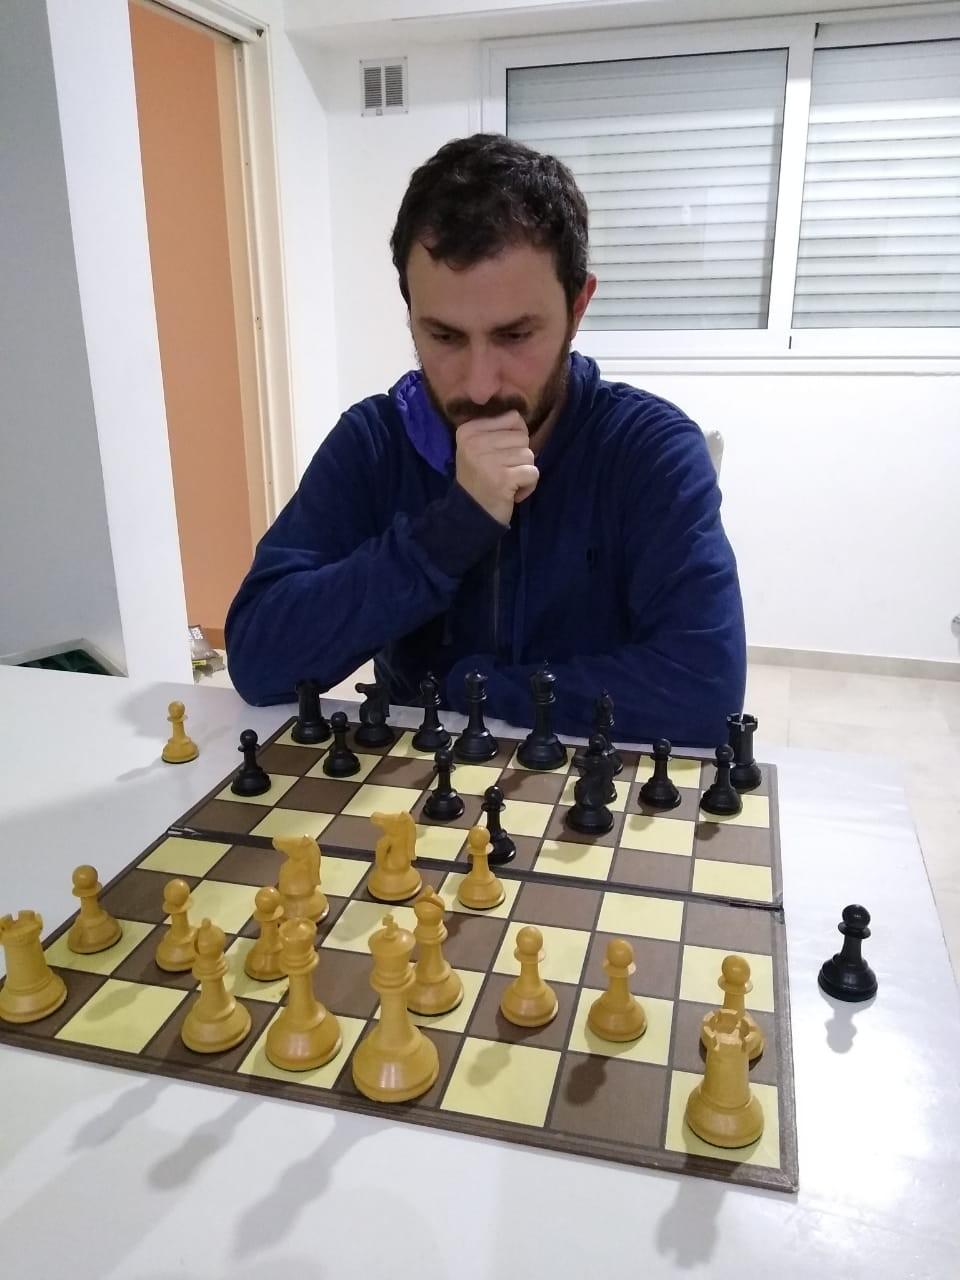 Olavarrienses Destacados en la Copa Online Chesscovid